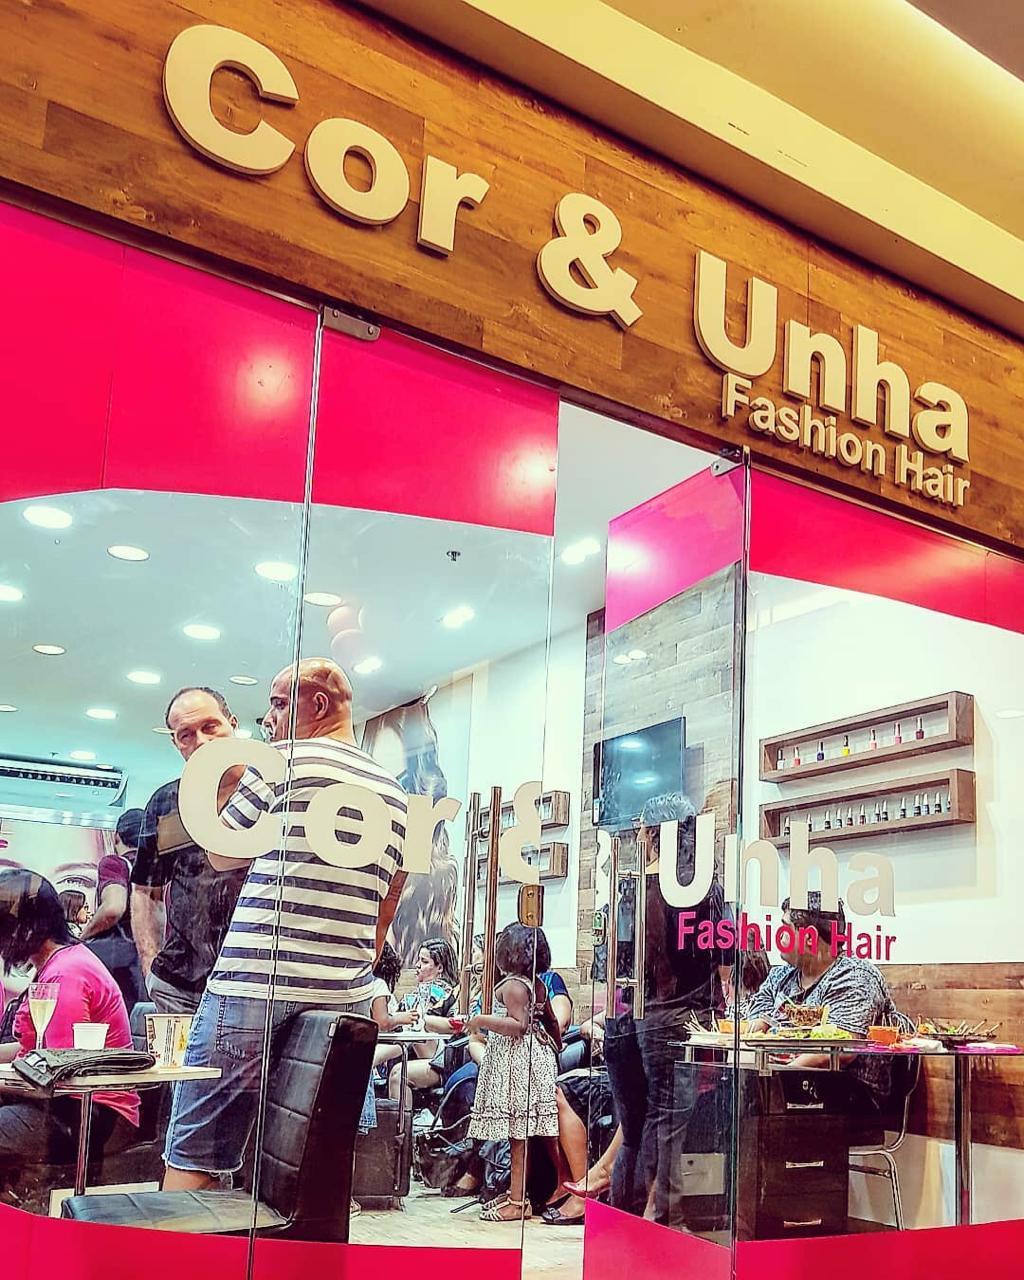 coreunha-bay-market.jpg